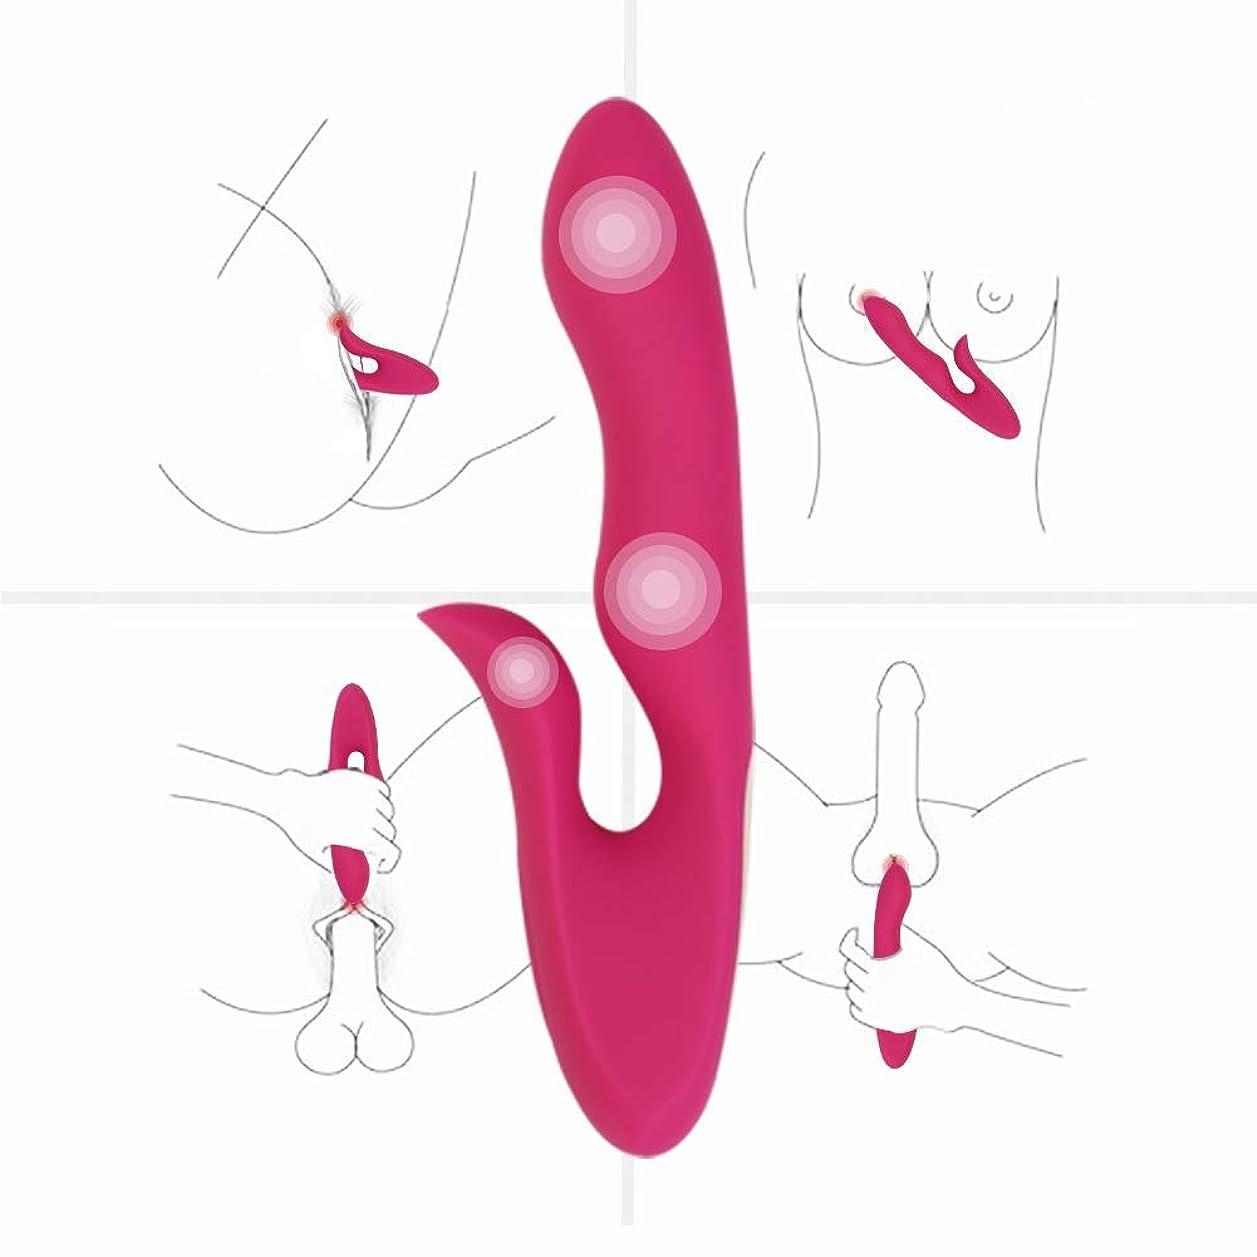 草欠かせないインポートセックス指バイブレーターセックストイズのために女性3モーター 8 + 6 モードウサギ G スポットバイブレーター陰核膣大人トイズディルド Masturbator